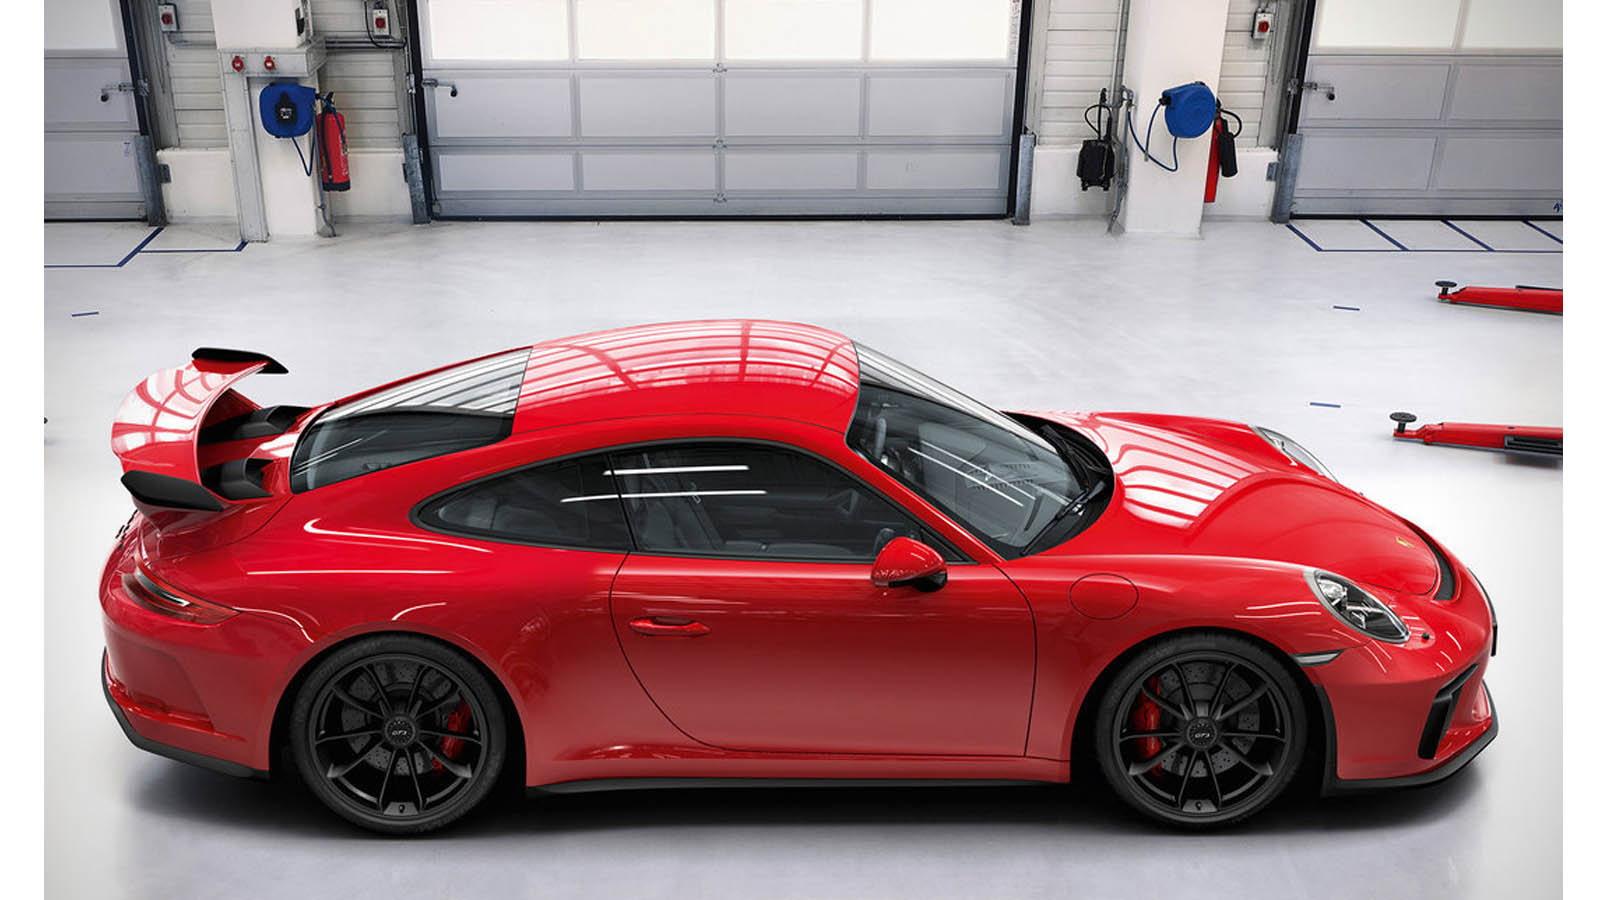 The 911 GT3 Race Car